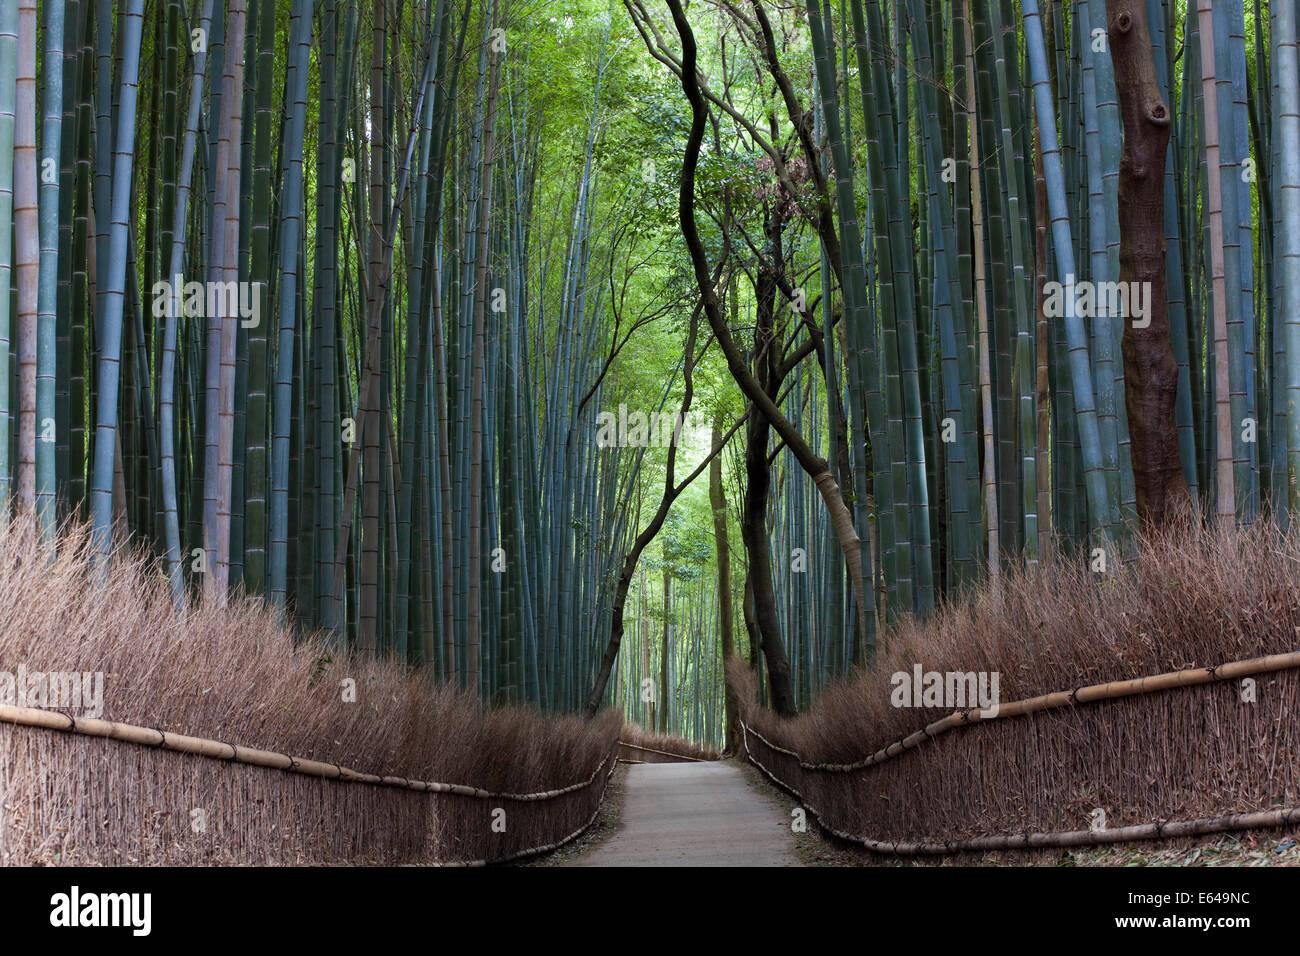 Camino a través del bosque de bambú, Kyoto, Japón Imagen De Stock